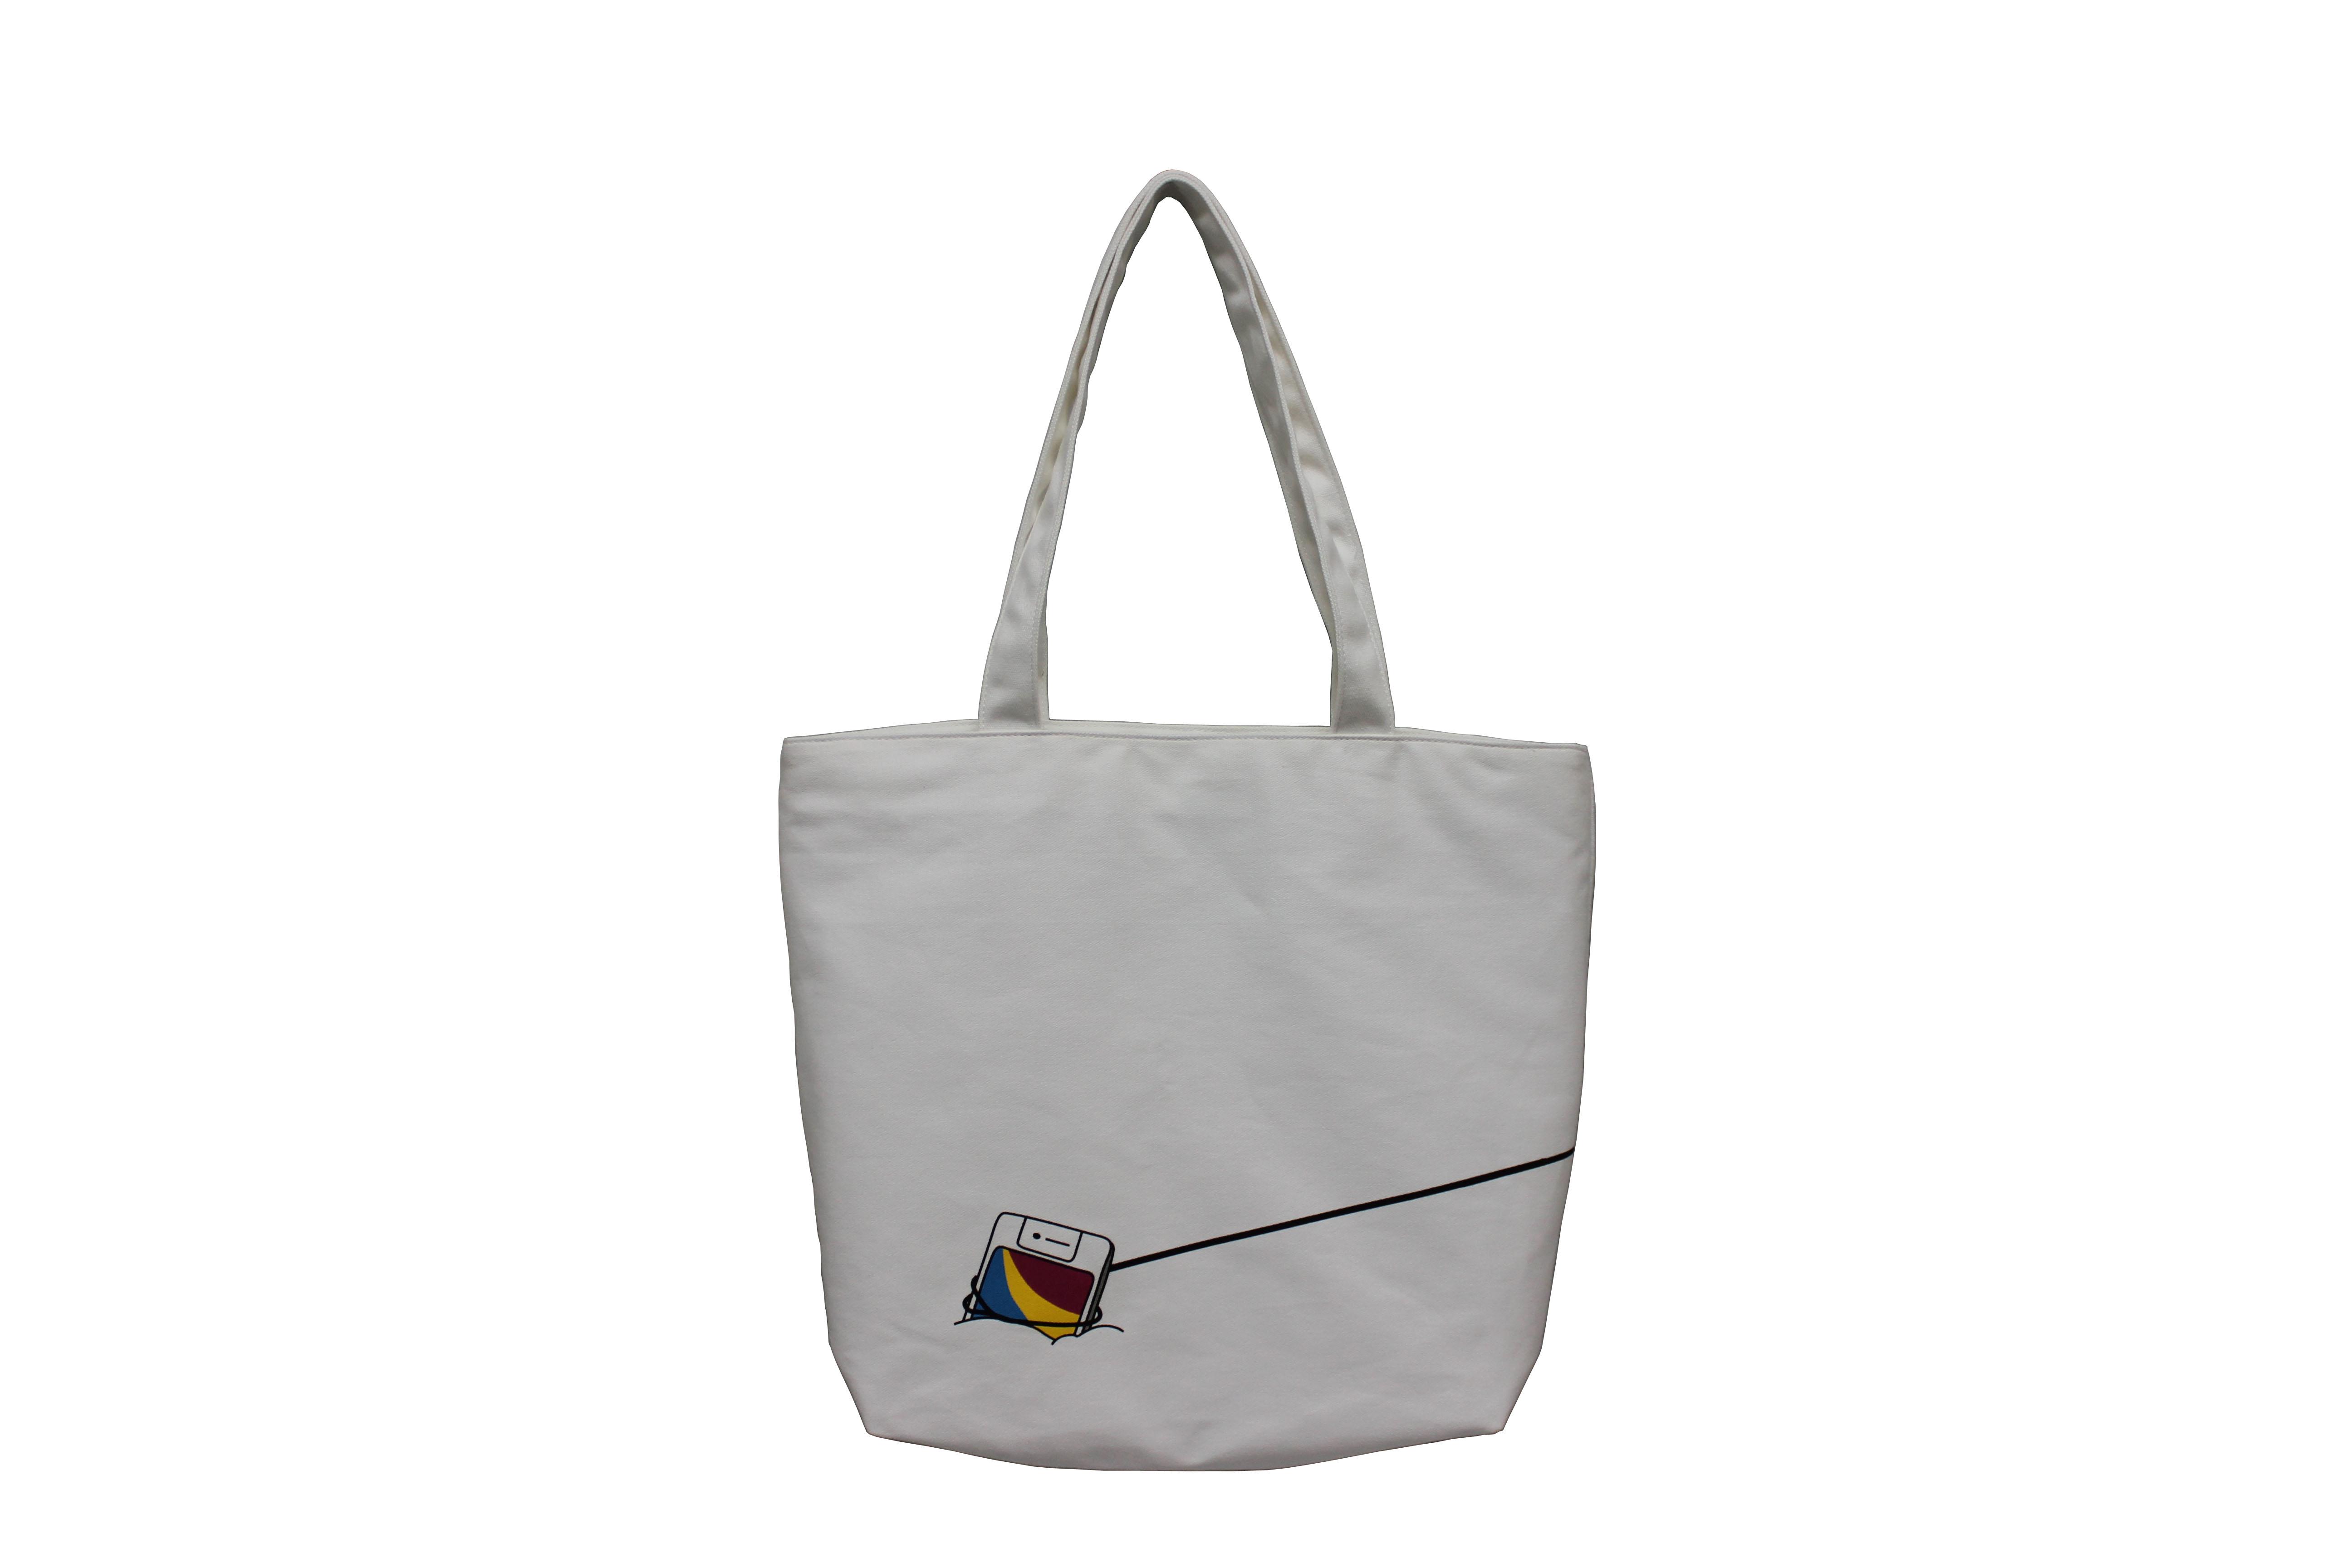 厂家热销帆布袋 购物袋 手提袋 单肩包图片五